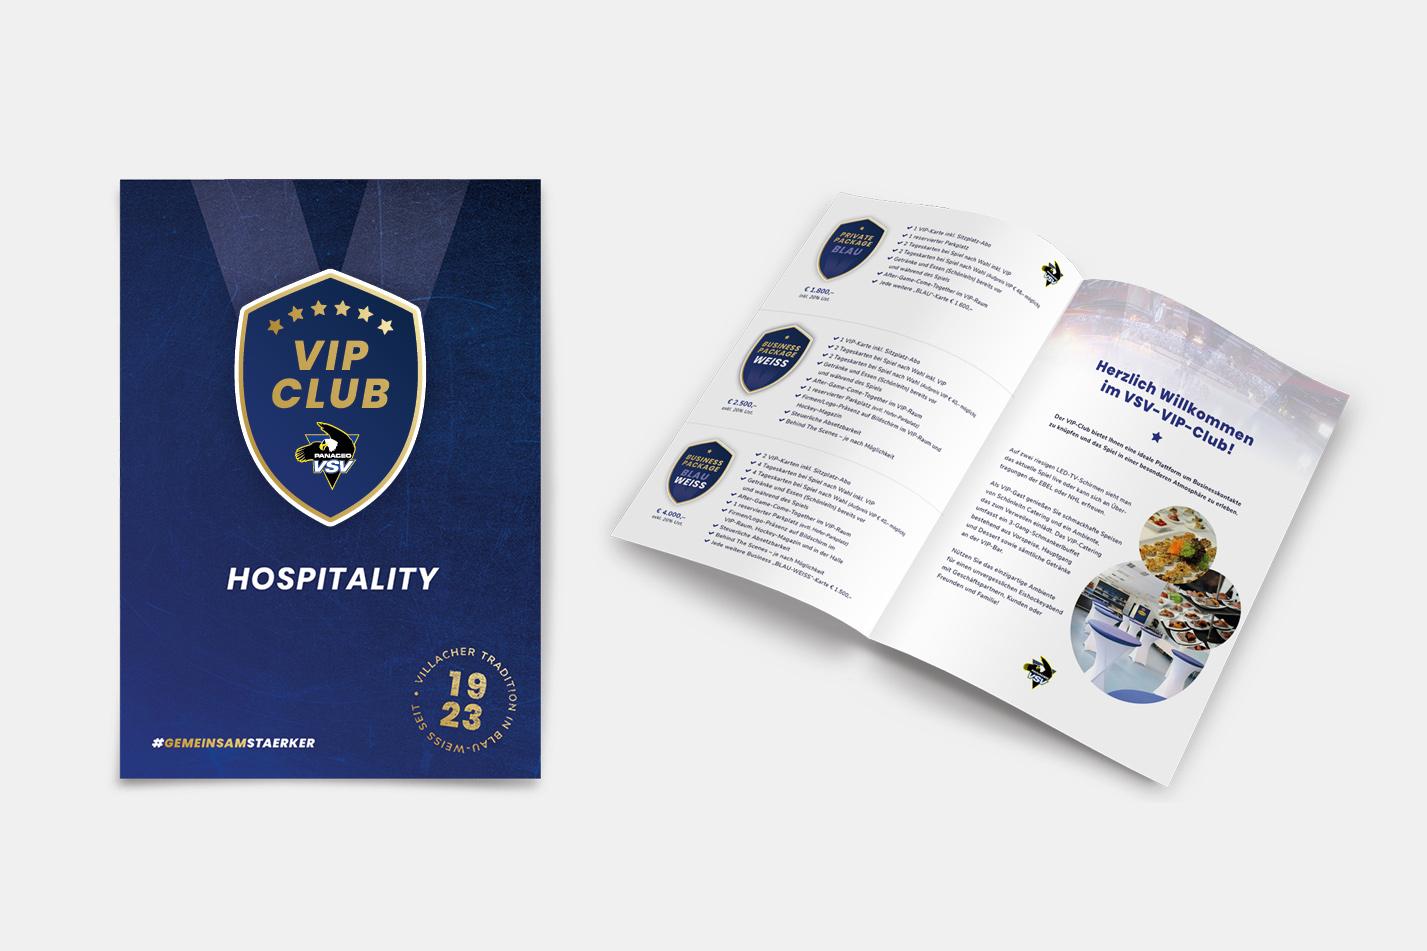 EC Panaceo VSV Hospitality Folder Saison 2018/19